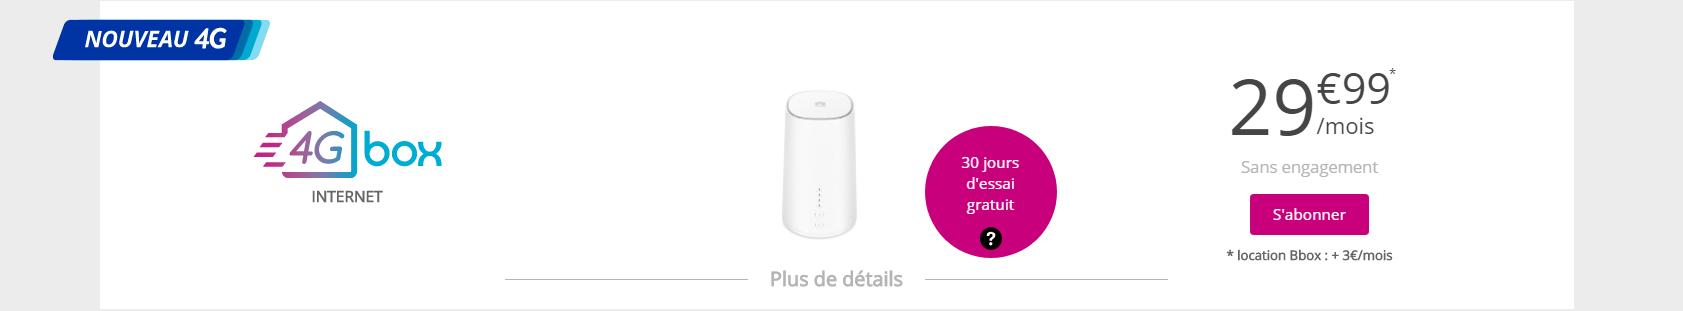 Résultat d'un test d'éligibilité 4G Box - Capture d'écran de www.bouyguestelecom.fr